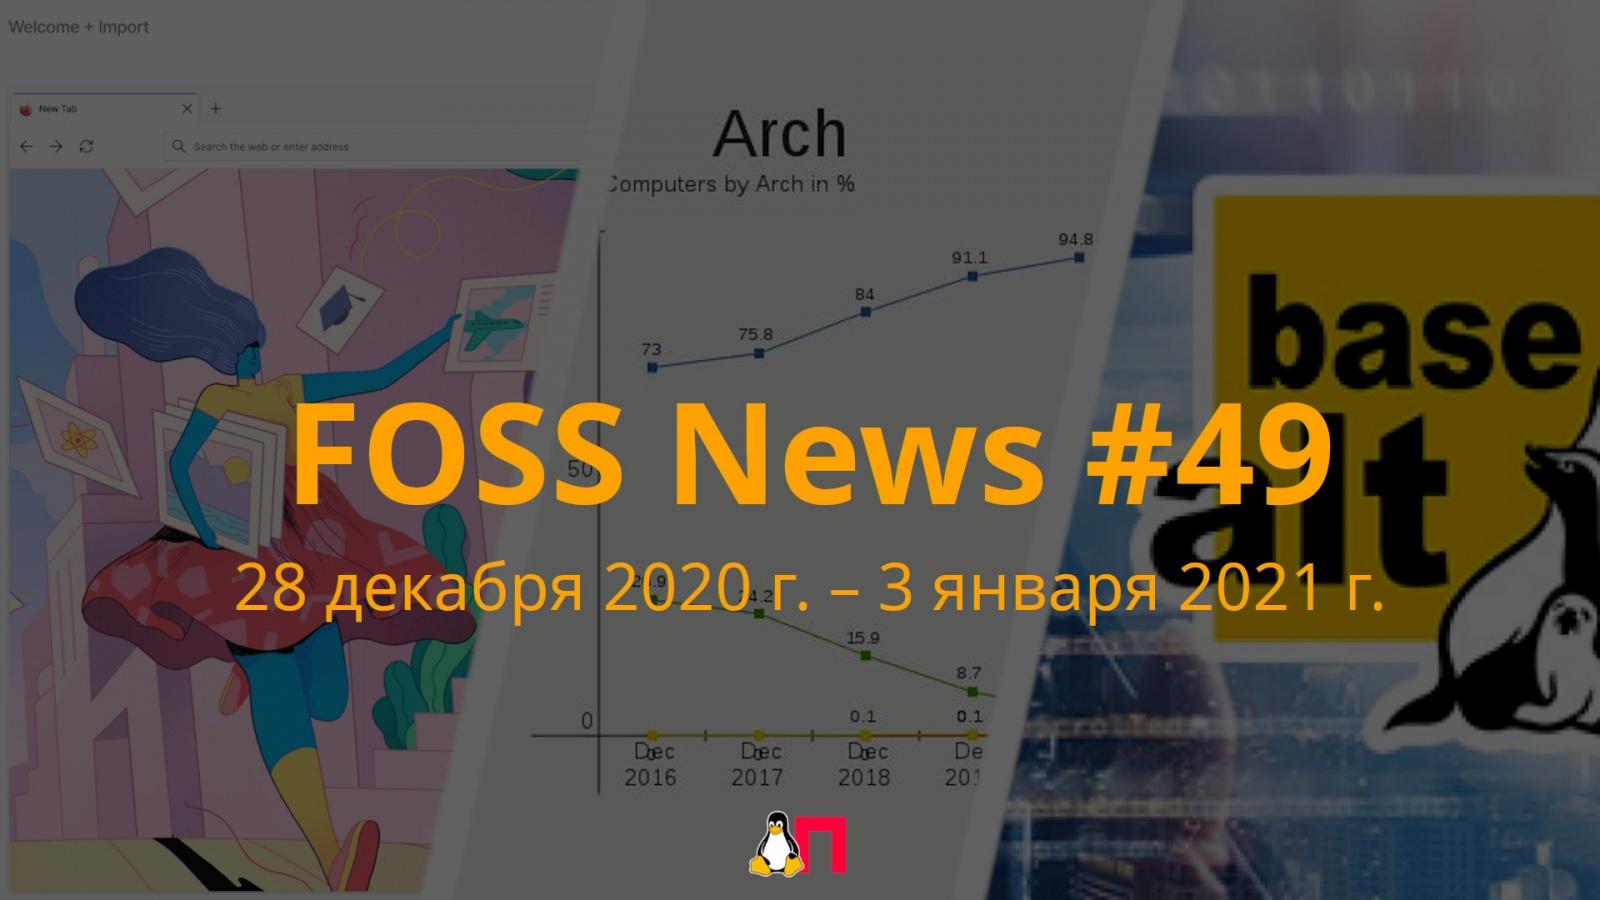 FOSS News №49 – дайджест материалов о свободном и открытом ПО за 28 декабря 2020 года – 3 января 2021 года - 1